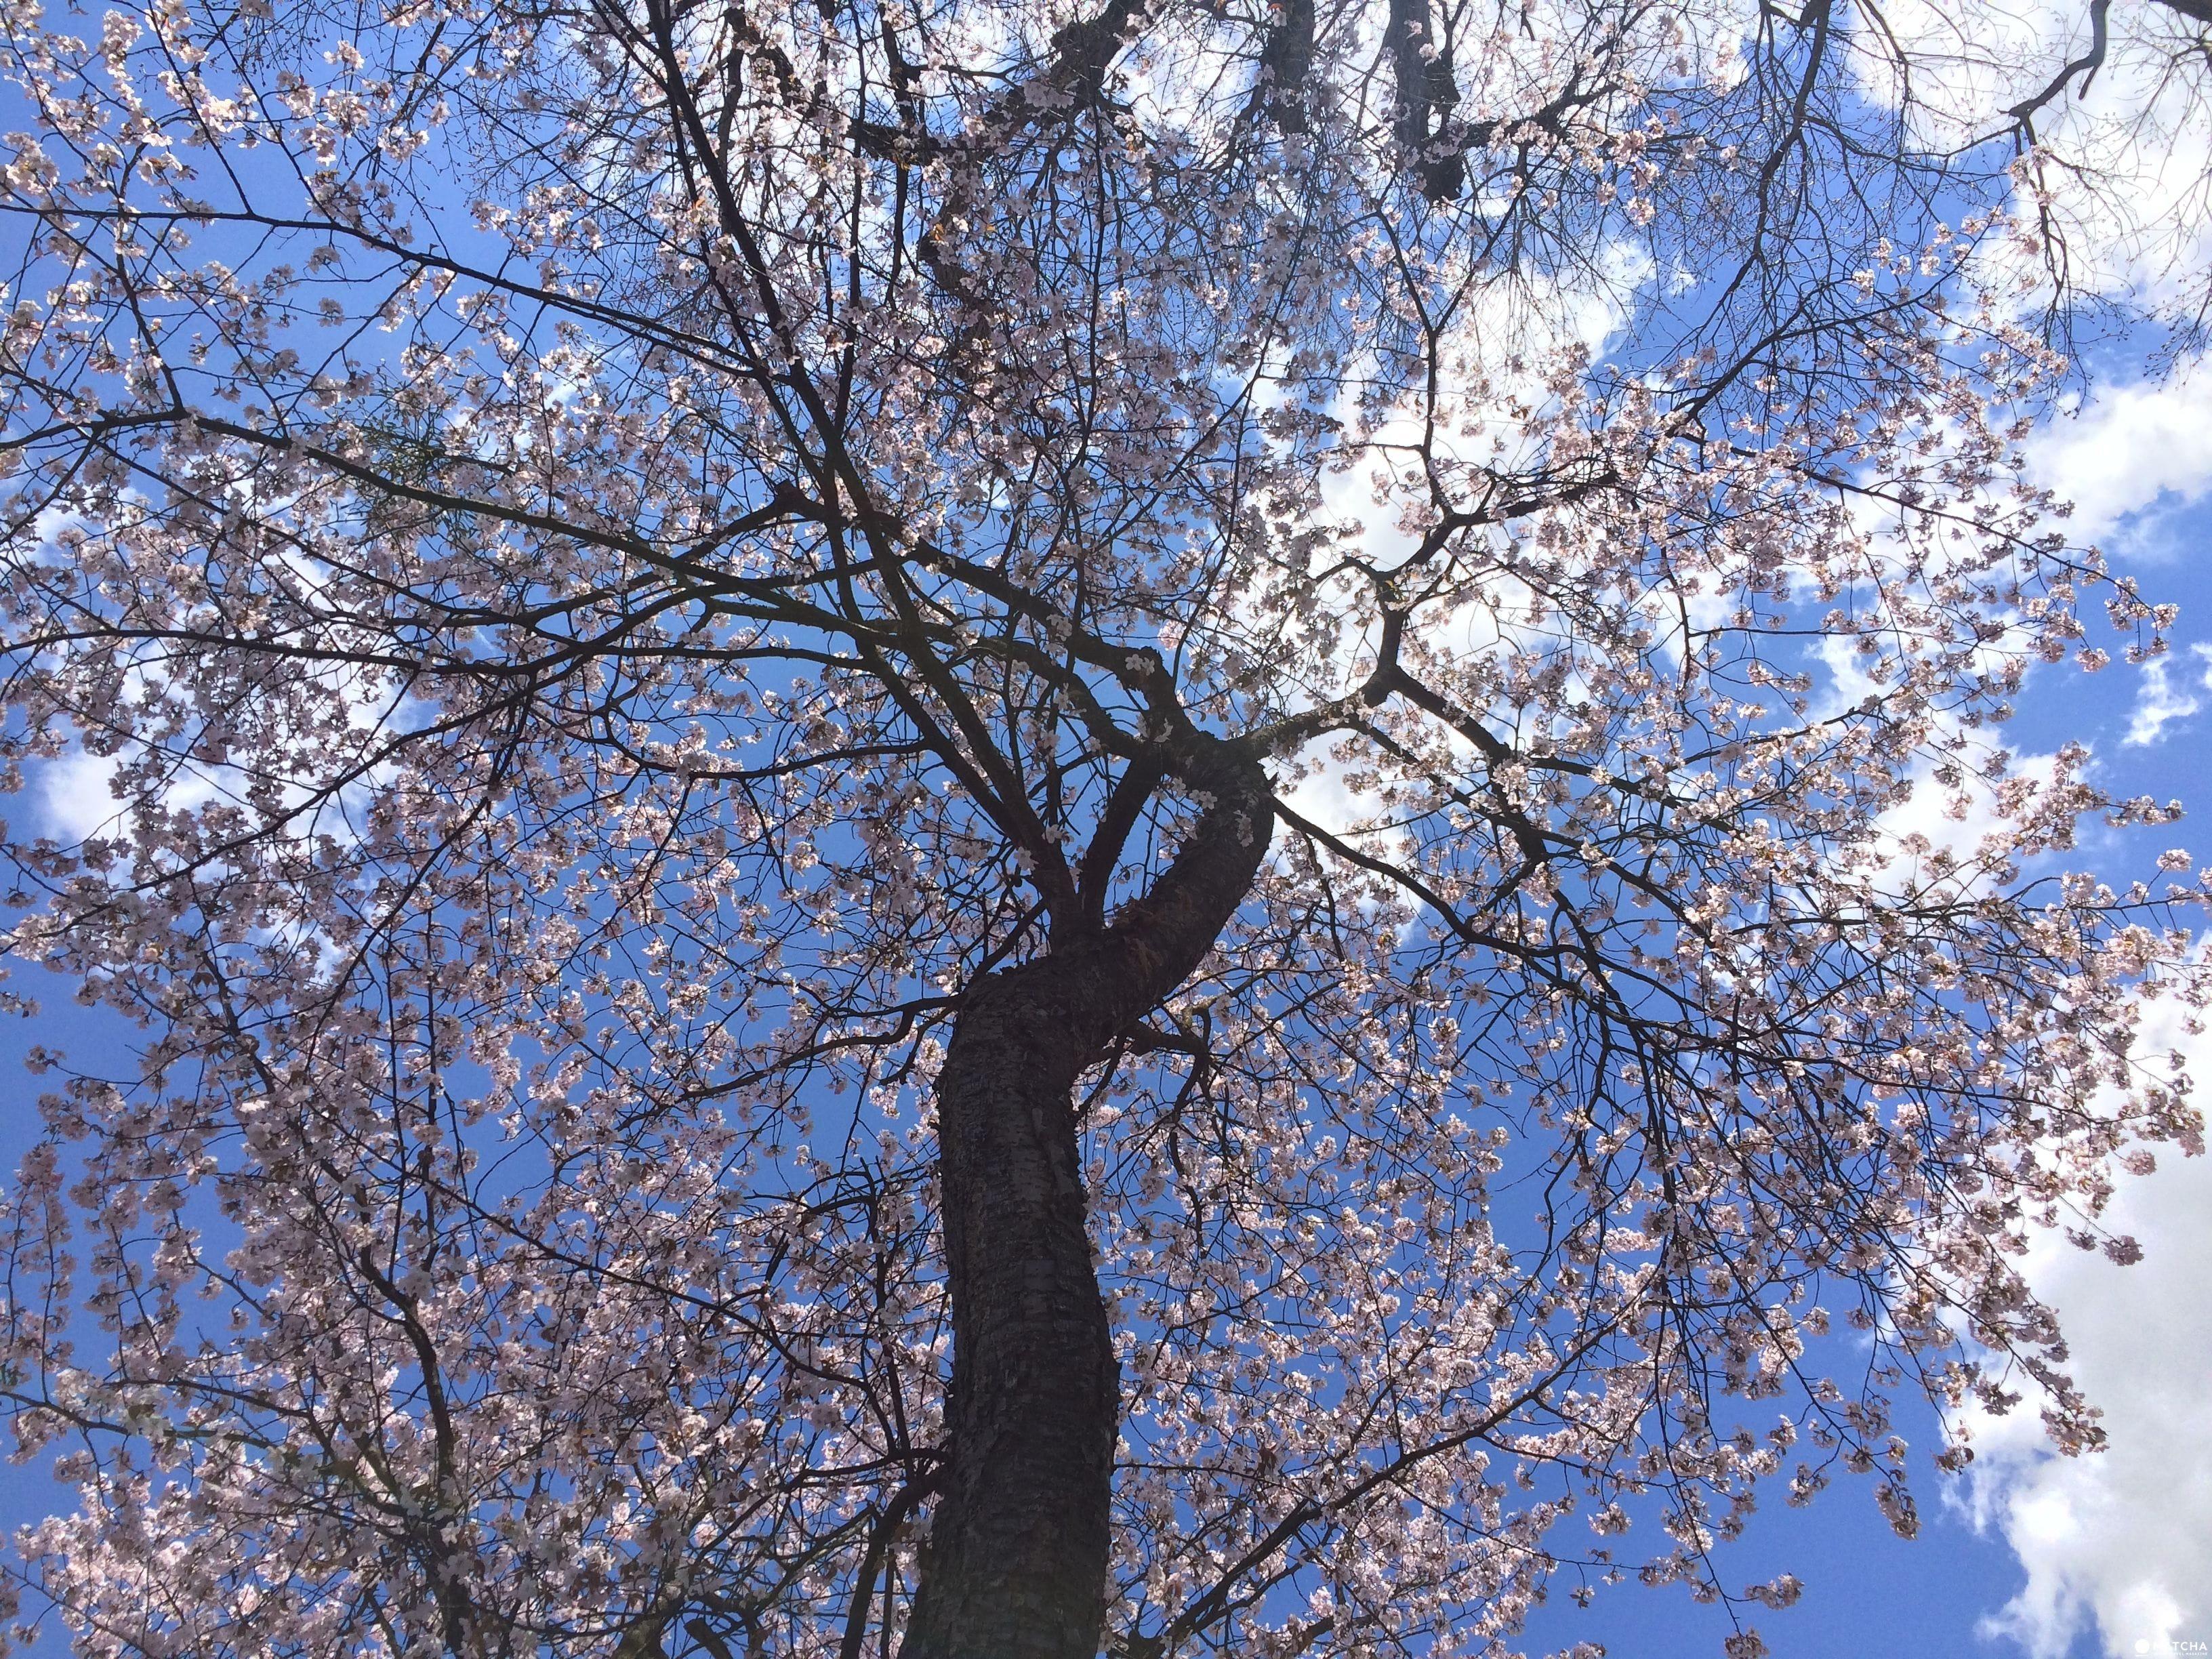 藍天白雲下,靜謐的鳥沼公園盛開的櫻花樹。(圖片取自matcha-jp.com)